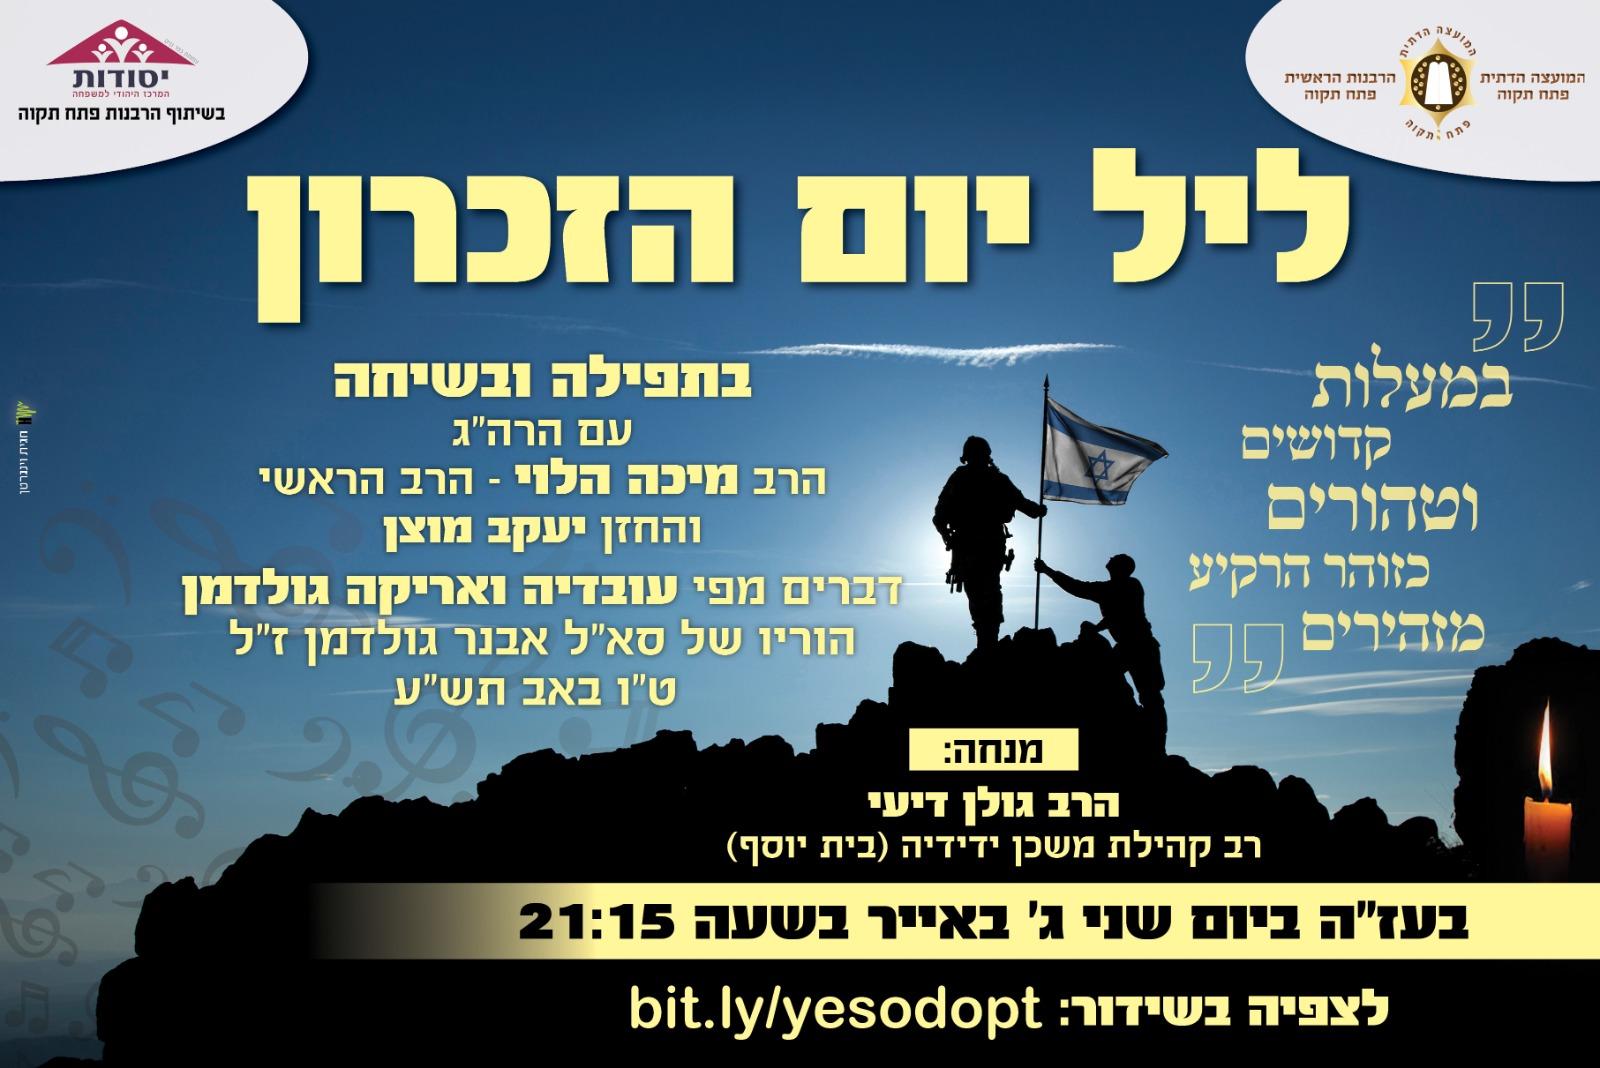 """ליל יום הזיכרון בתפילה עם הרב מיכה הלוי שליט""""א"""